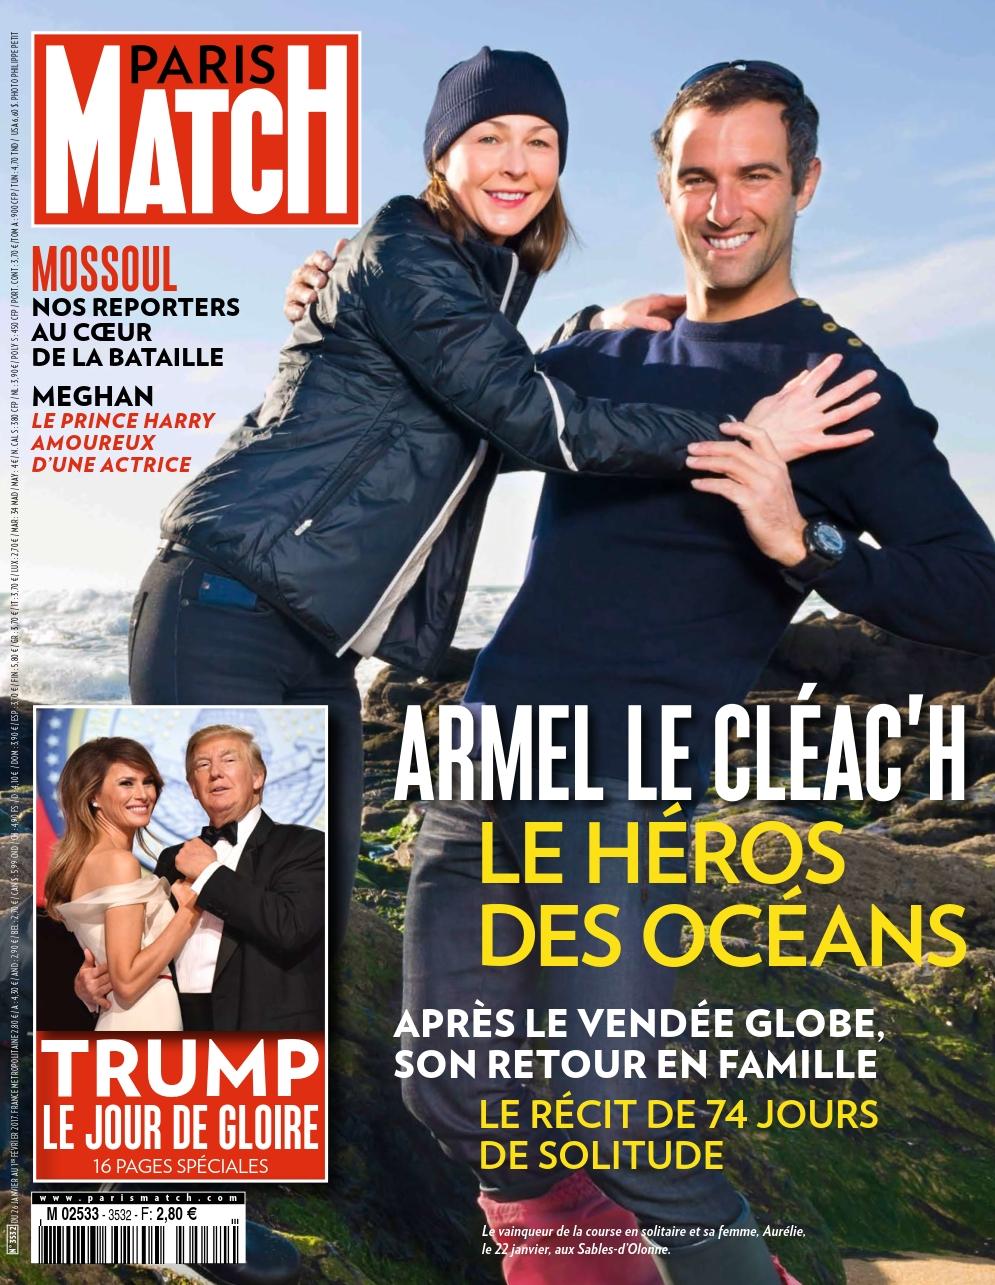 Paris Match N°3532 - 26 Janvier au 1 Février 2017